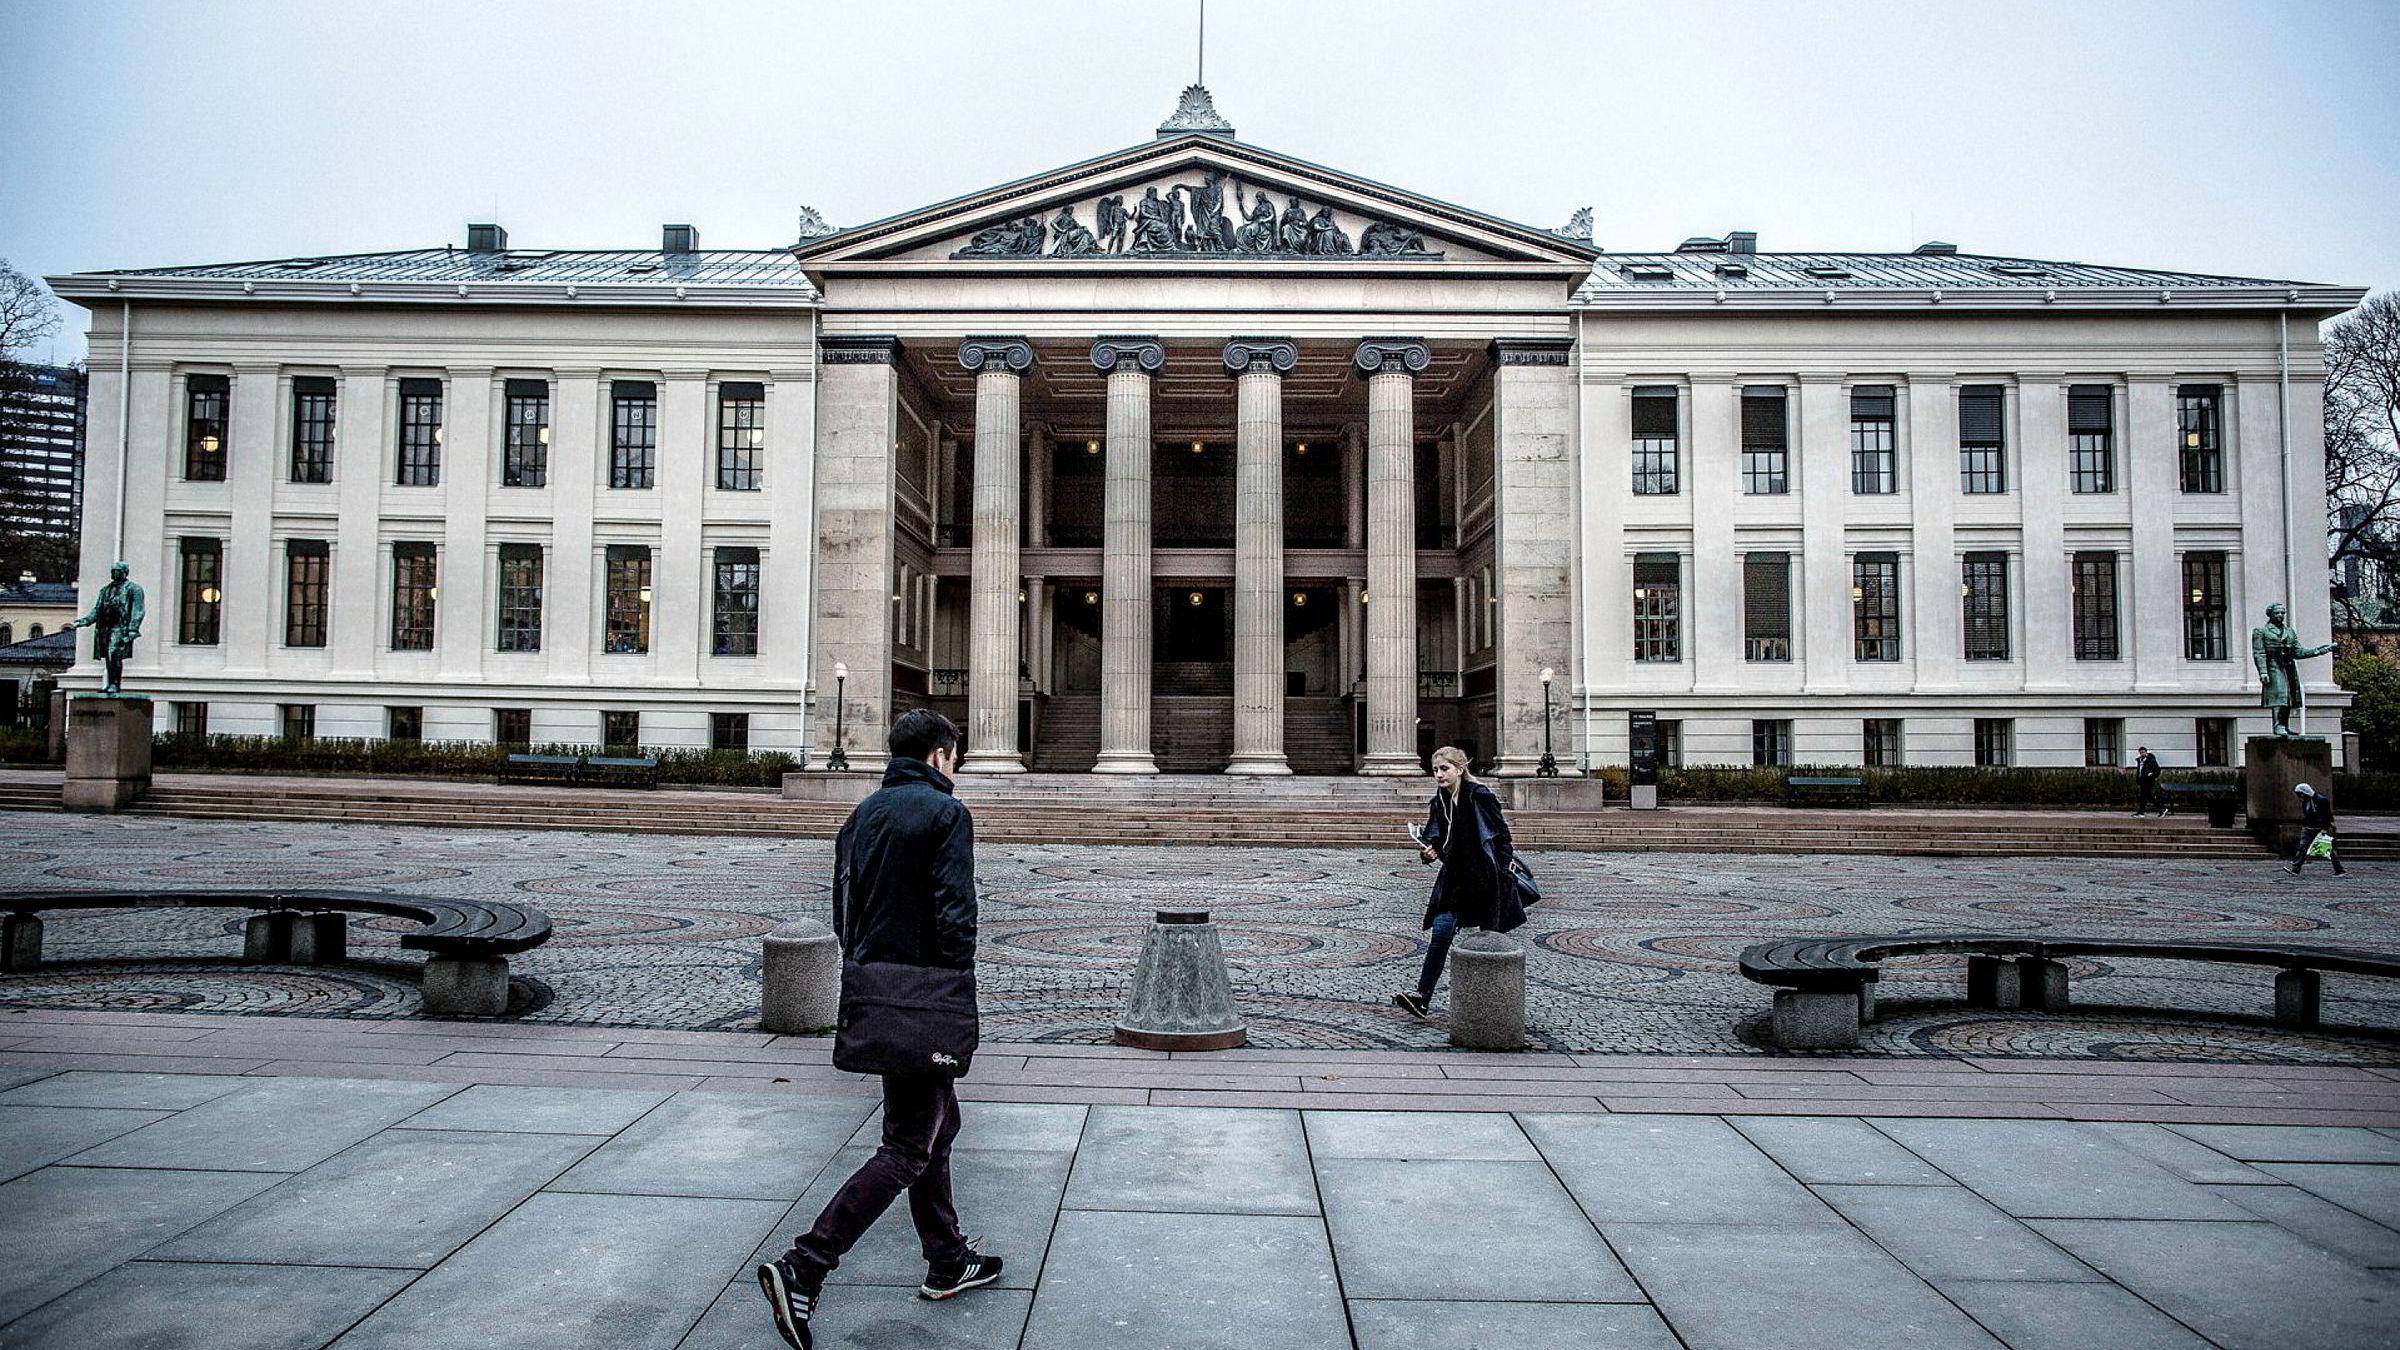 Denne uken ønskes nye studenter velkommen til universiteter og høyskoler landet over. De 220 som har fått studieplass ved juridisk fakultet i Oslo, har gjennom hardt arbeid klart å komme seg gjennom et trangt nåløye.